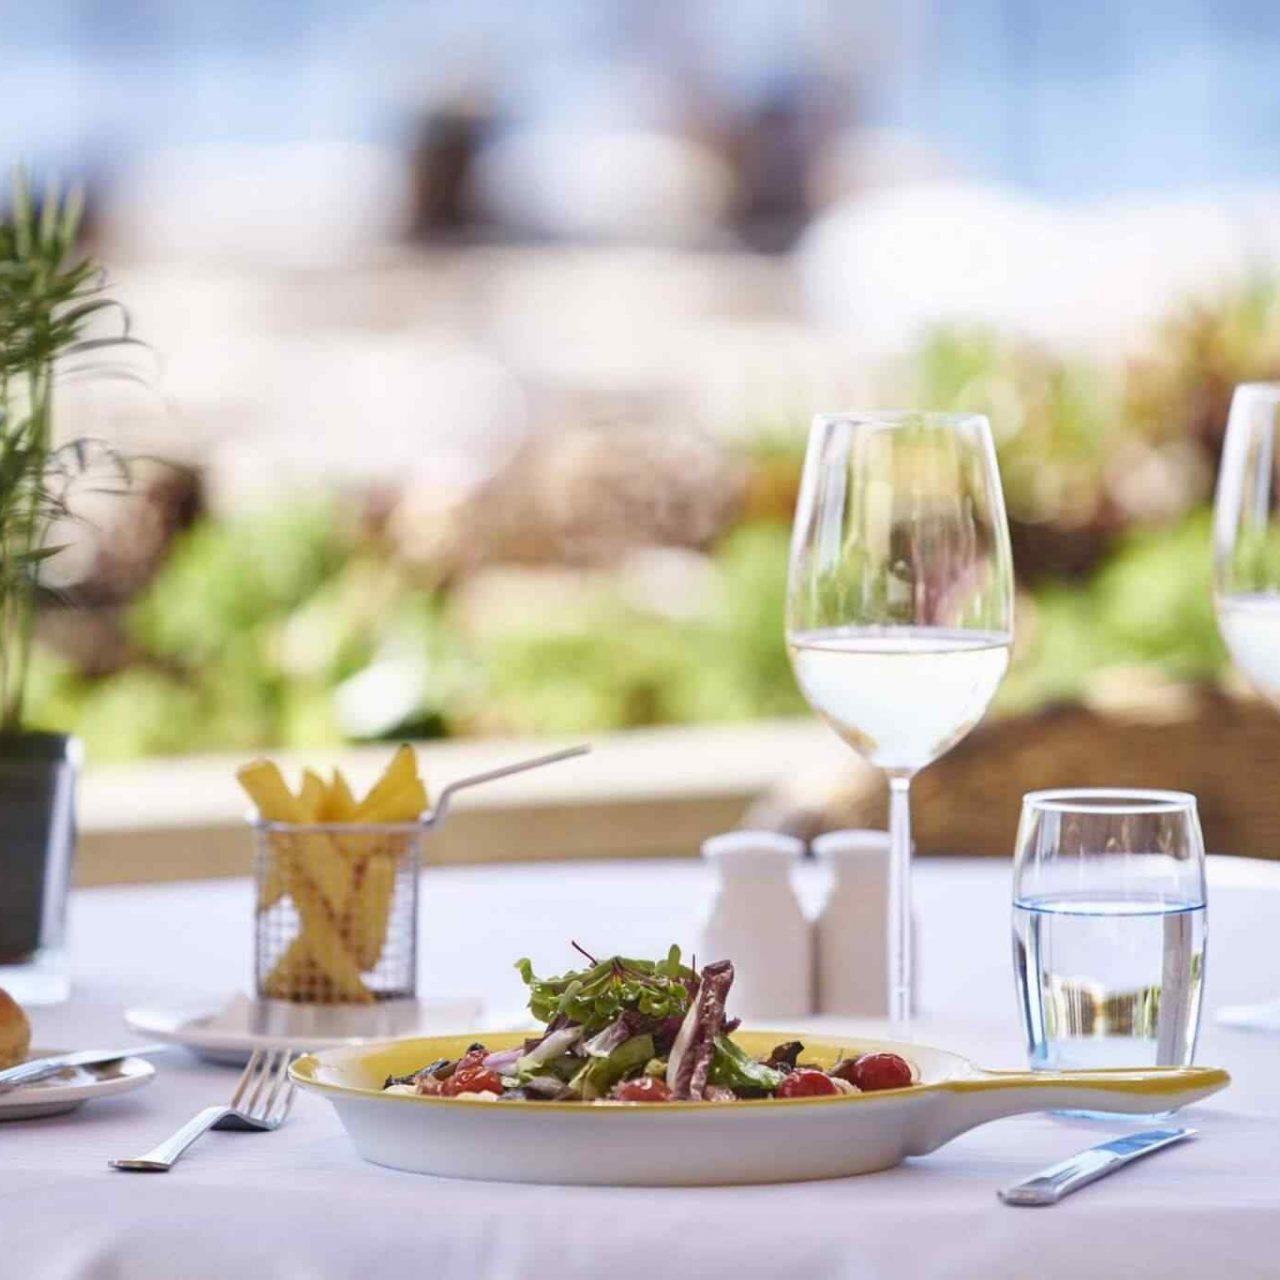 https://menudownloads.com/wp-content/uploads/2017/08/restaurant-01-6-1280x1280.jpg